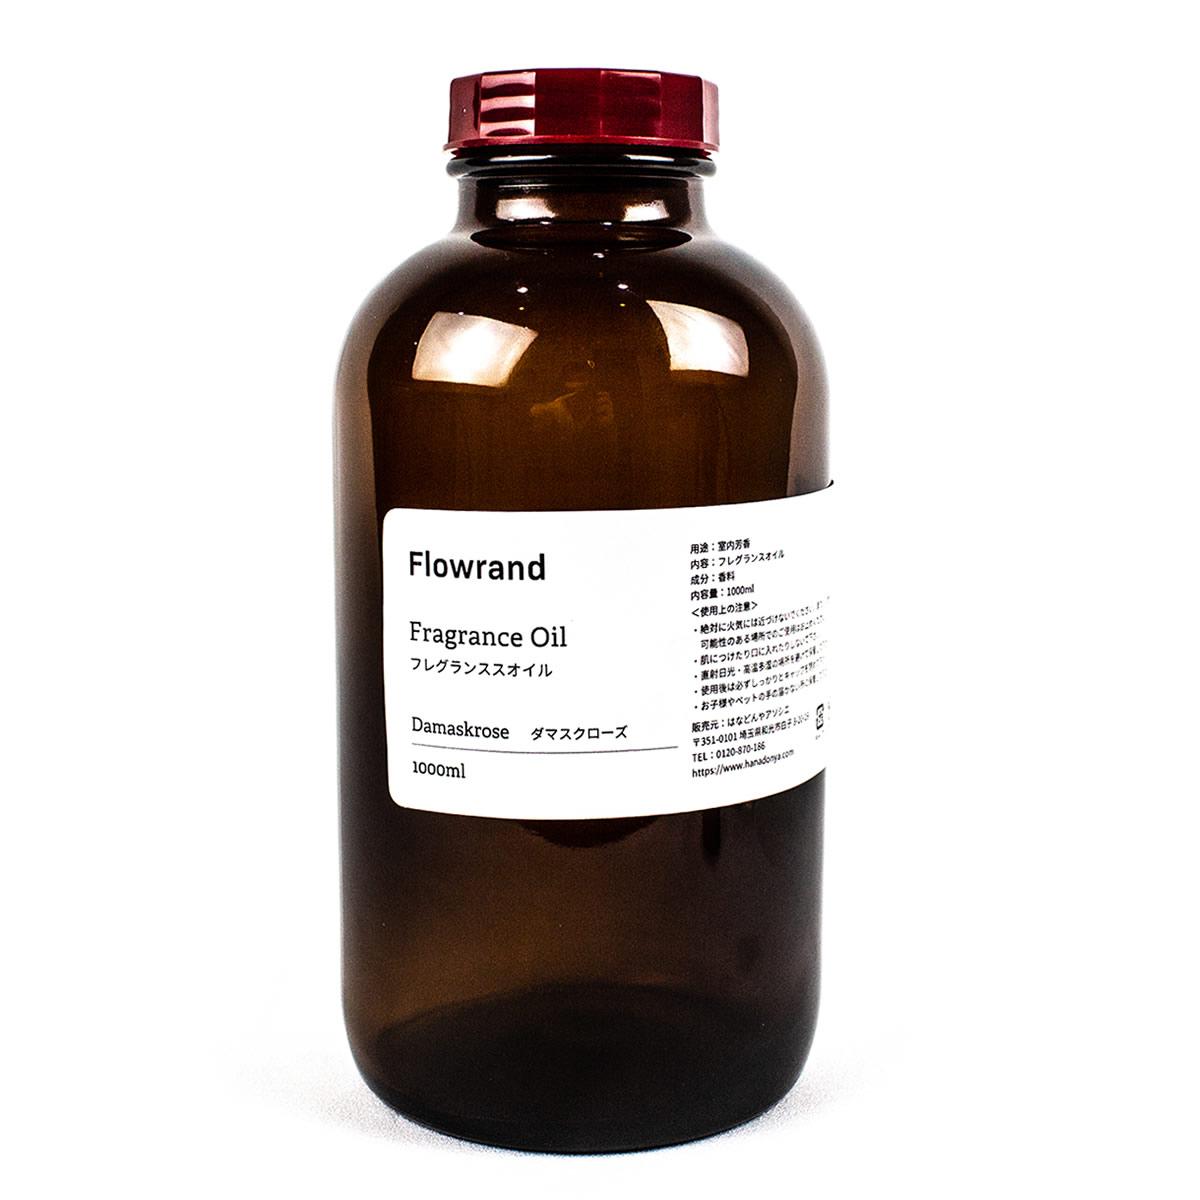 Flowrand/ハーバリウム用フレグランスオイル ダマスクローズ 1000ml【01】【取寄】